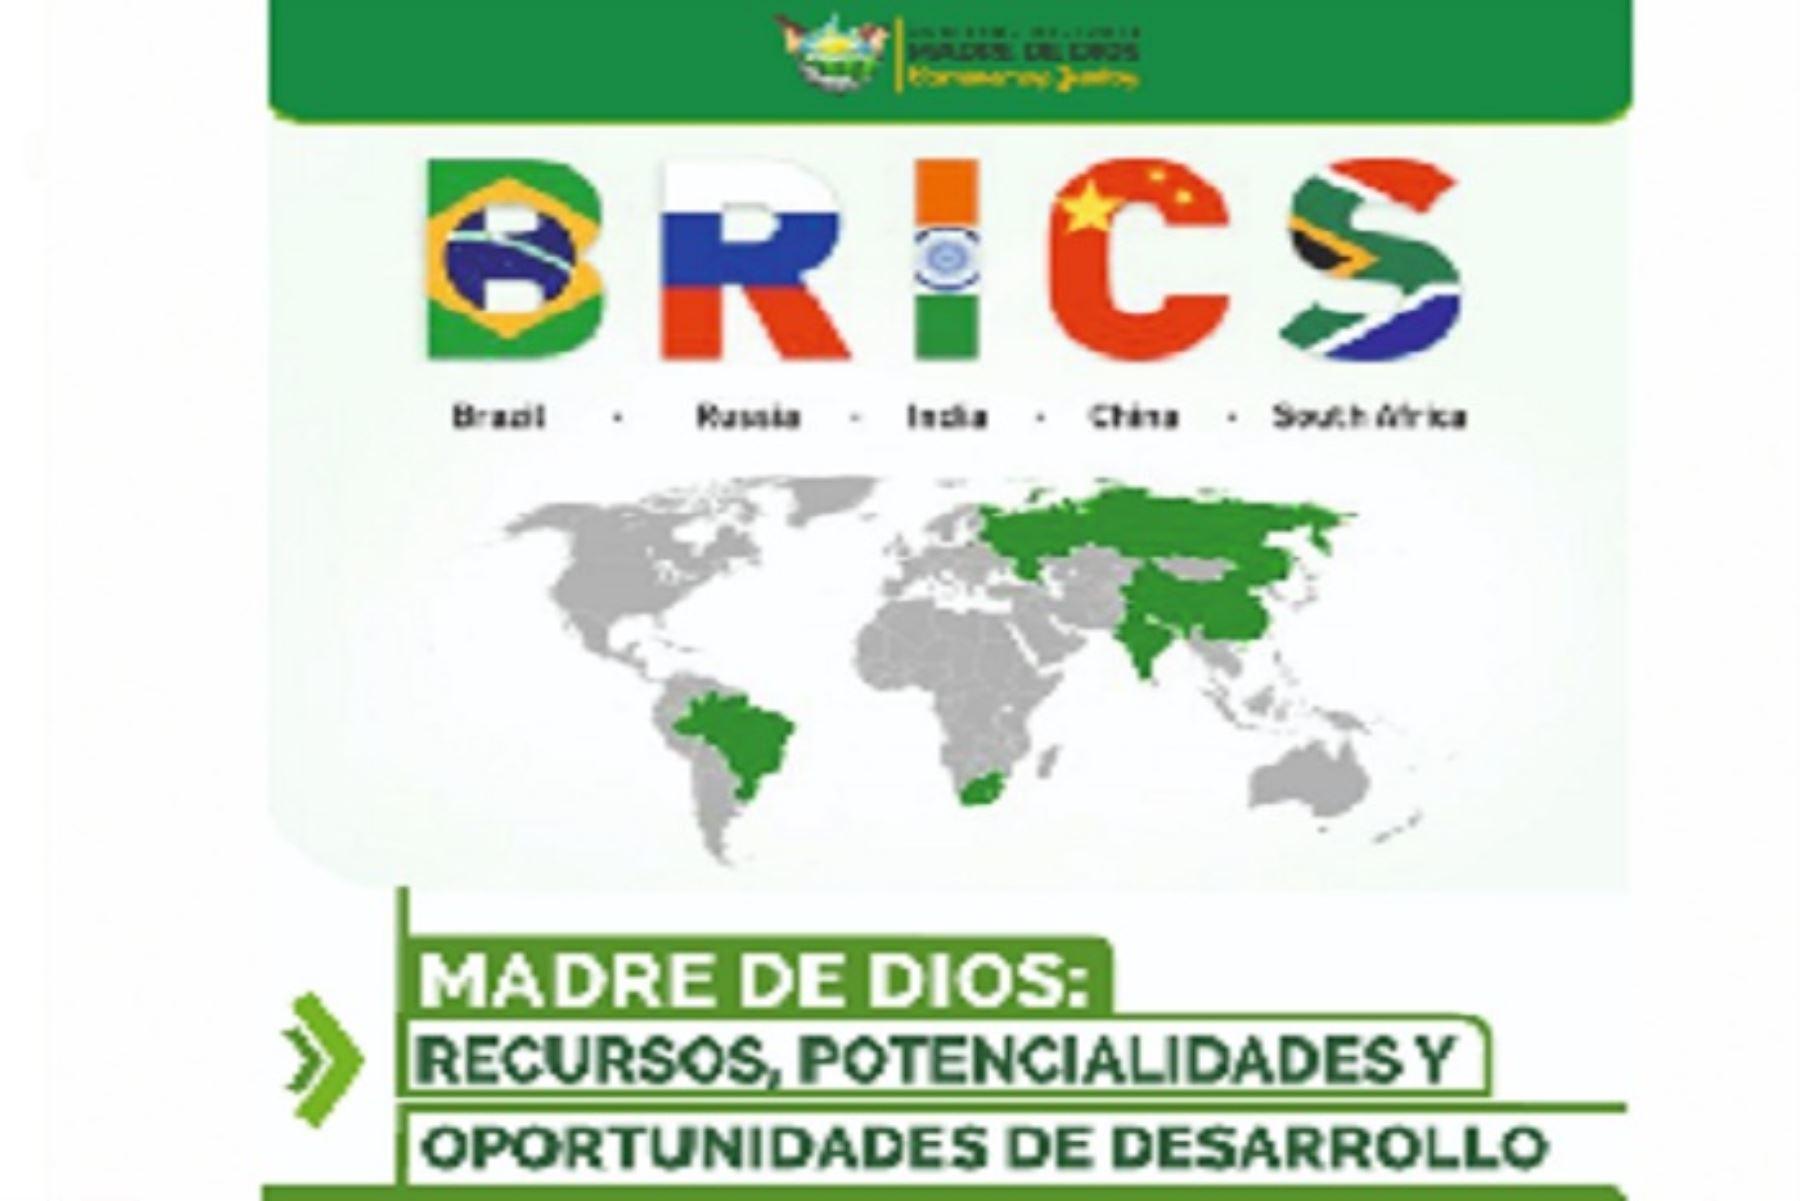 Madre de Dios, como región, representó al Perú y fue el único país de Latinoamérica que no pertenece al BRICS que participó en este evento internacional, que busca construir una cooperación política, económica y humanitaria.